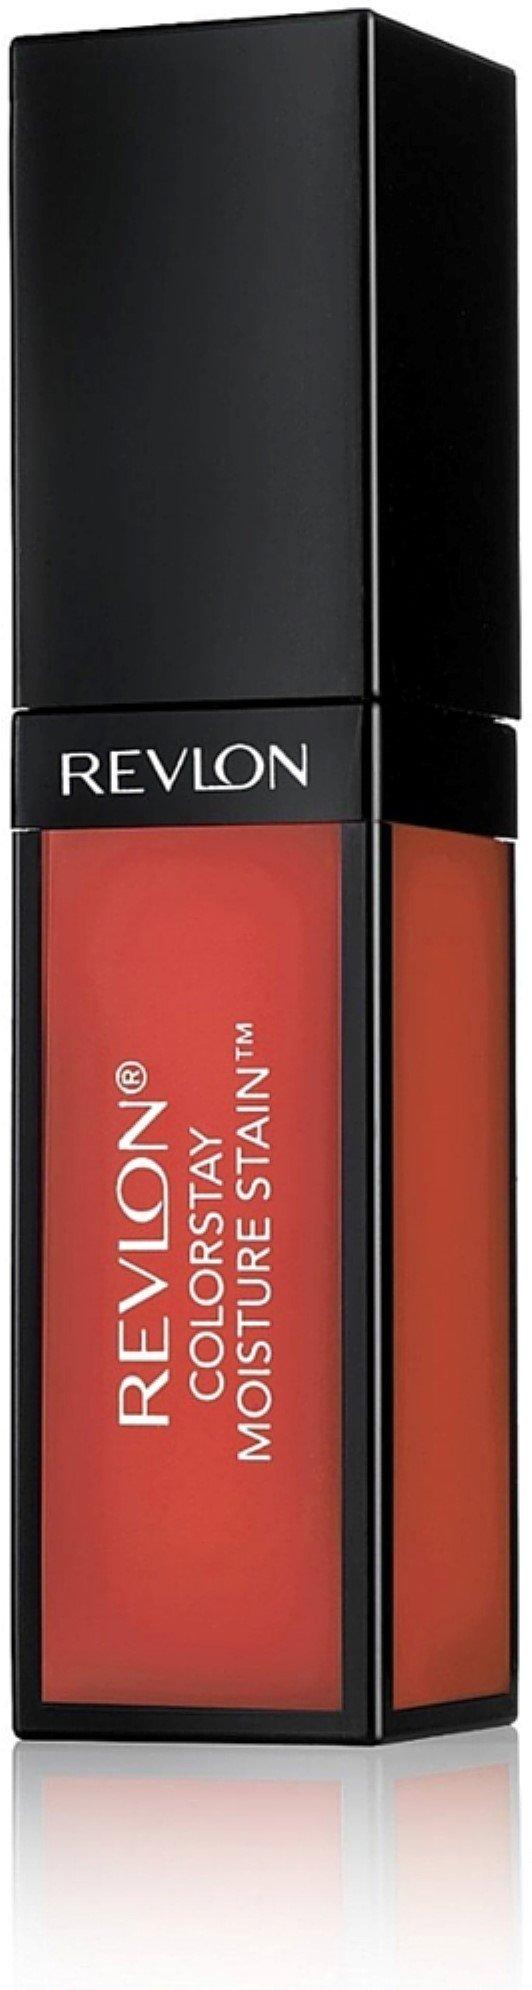 Revlon ColorStay Moisture Lip Stain, Miami Fever 0.27 oz (Pack of 12)